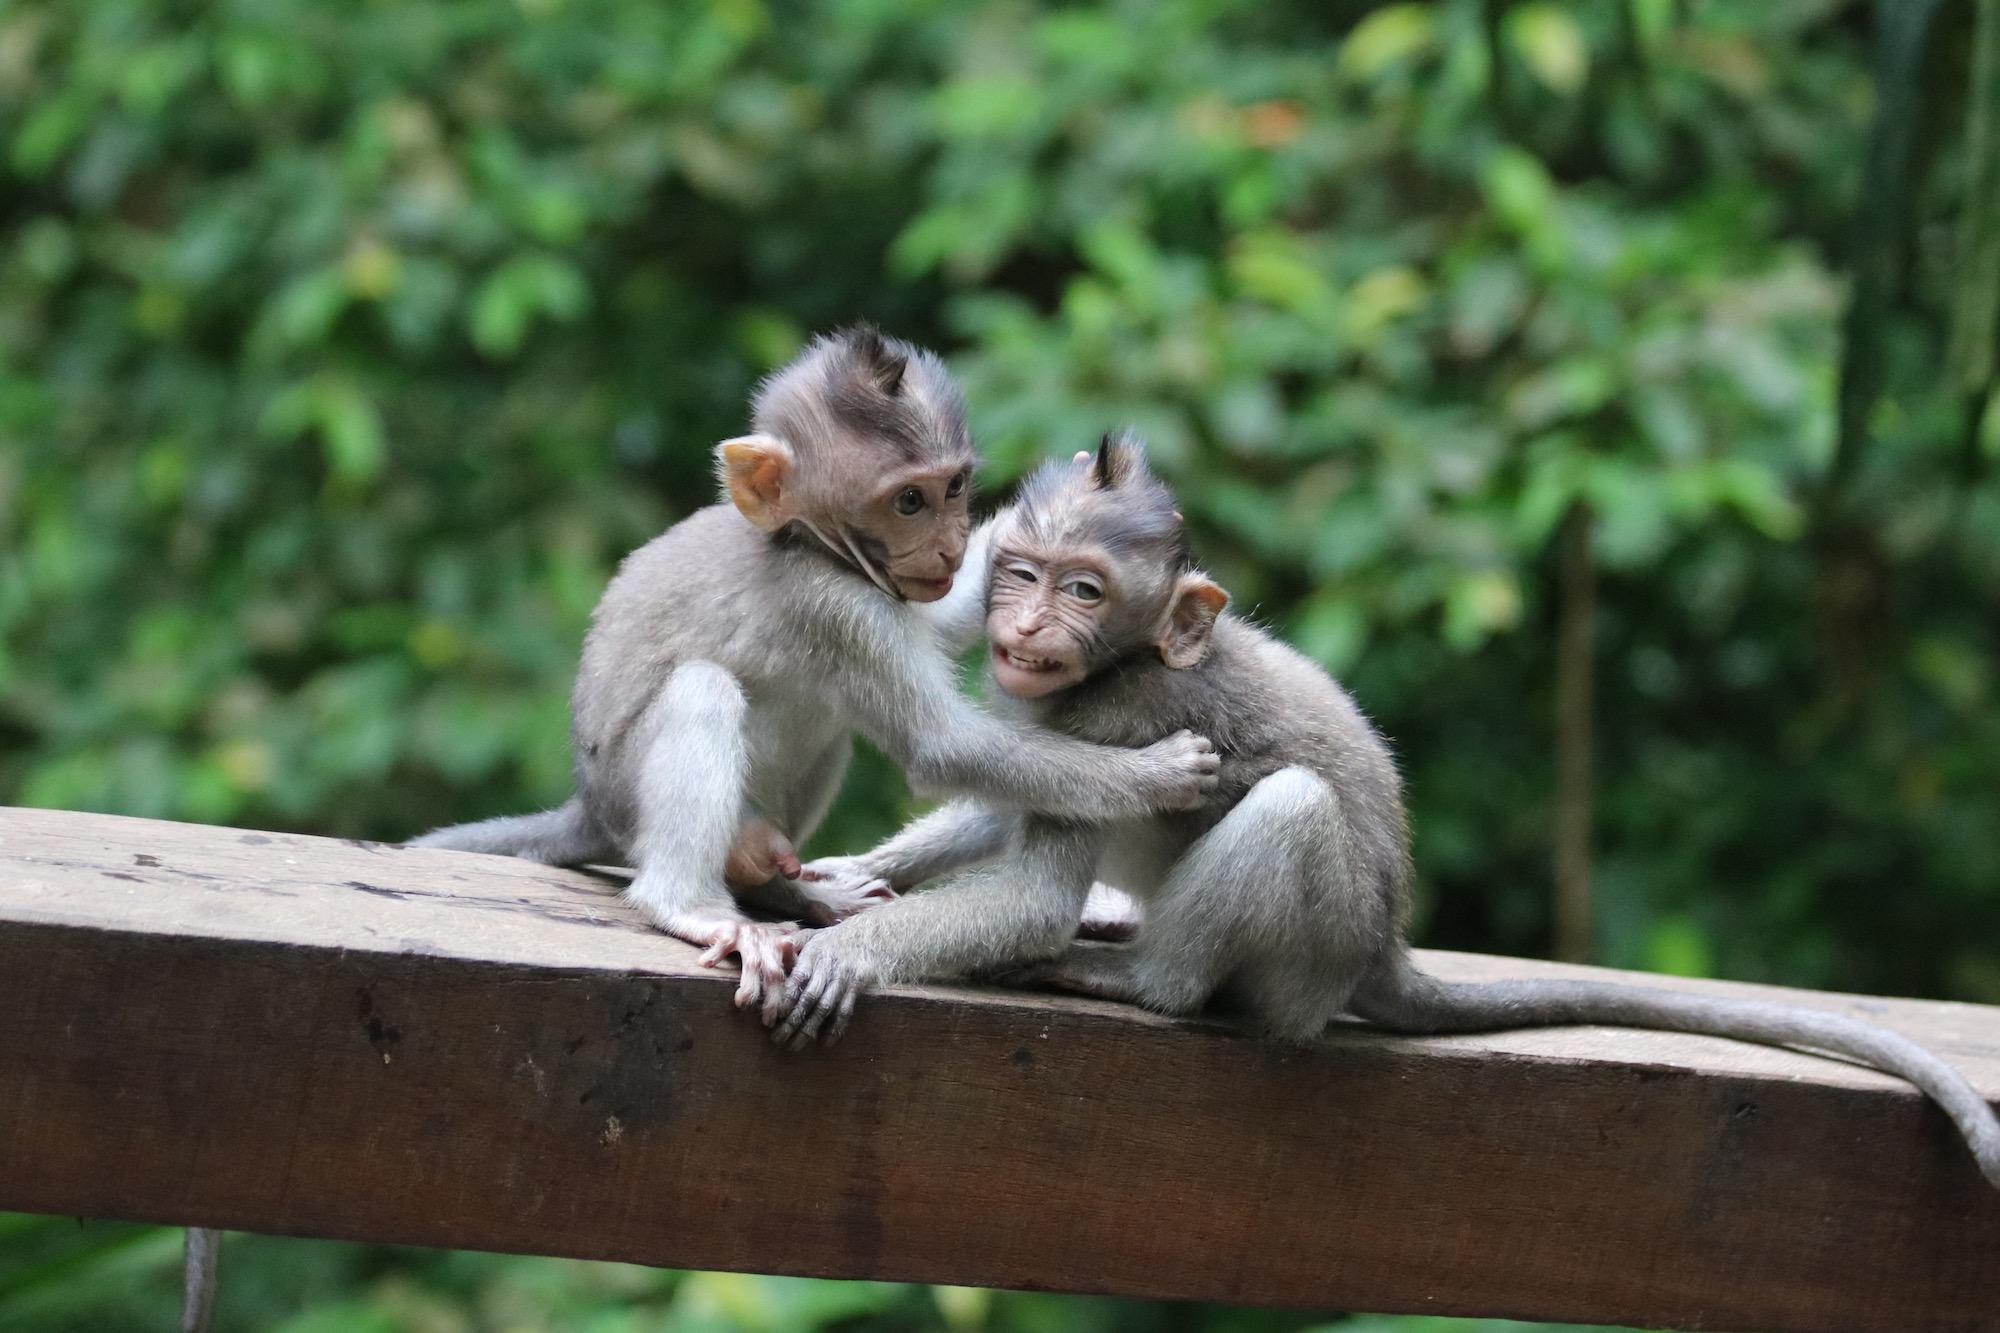 Macaque baby monkeys